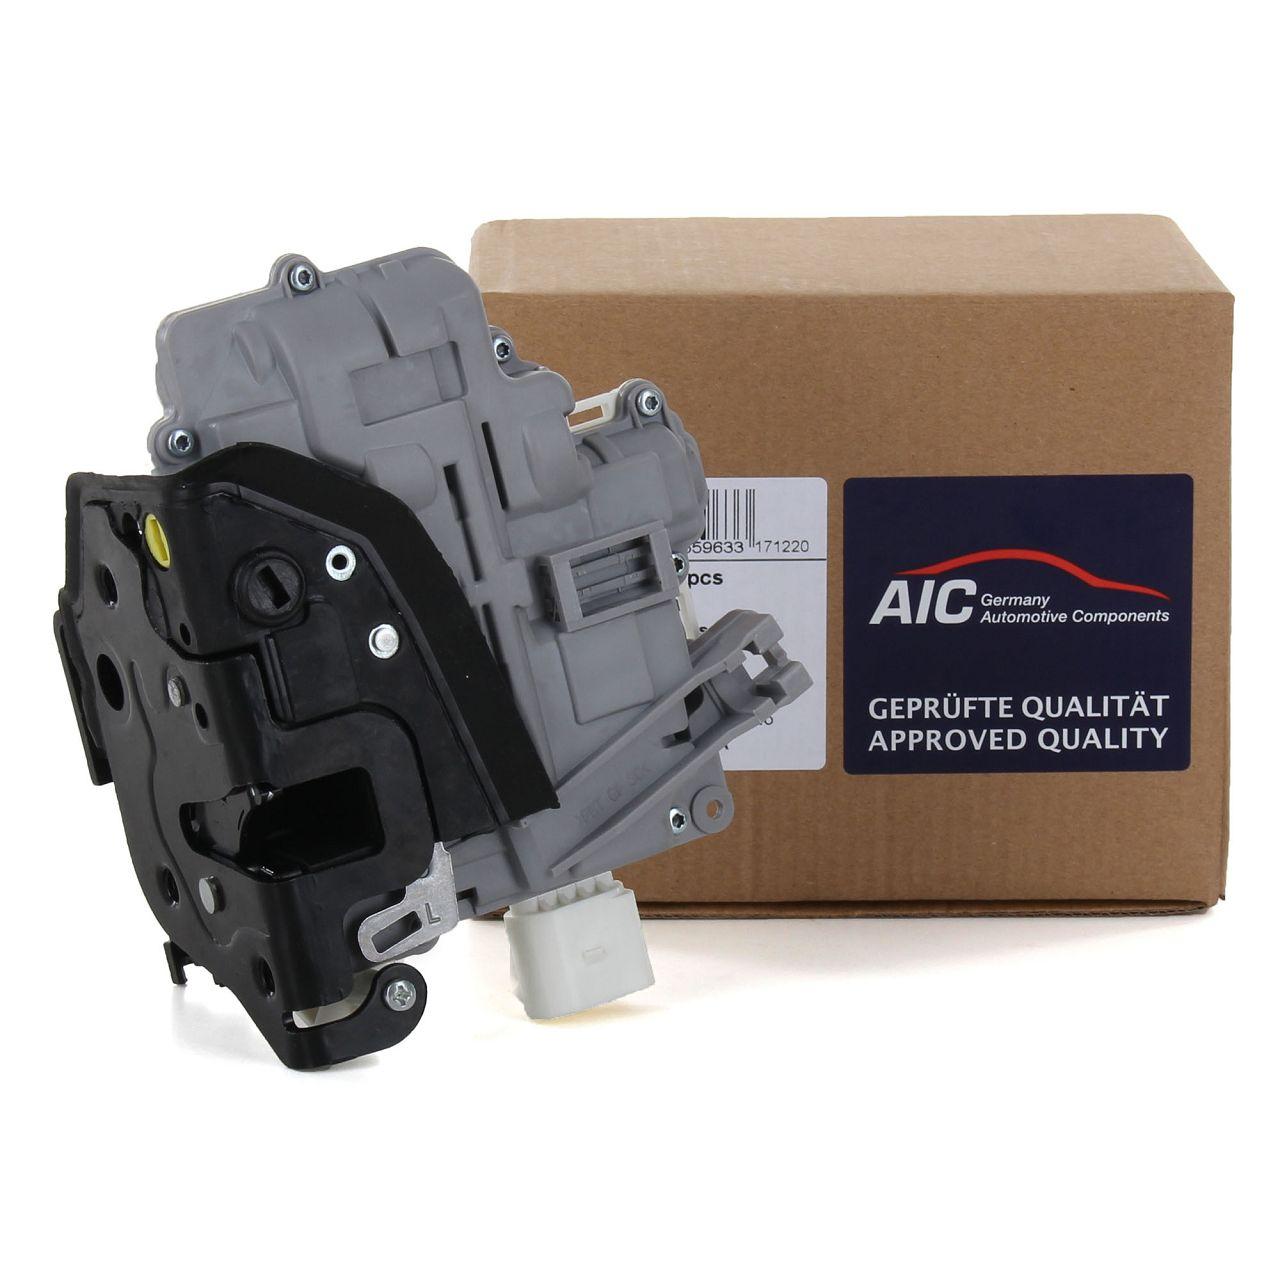 AIC Türschloss Stellmotor für AUDI A4 B8 A5 8T 8F Q3 8U Q5 8R Q7 4L hinten links